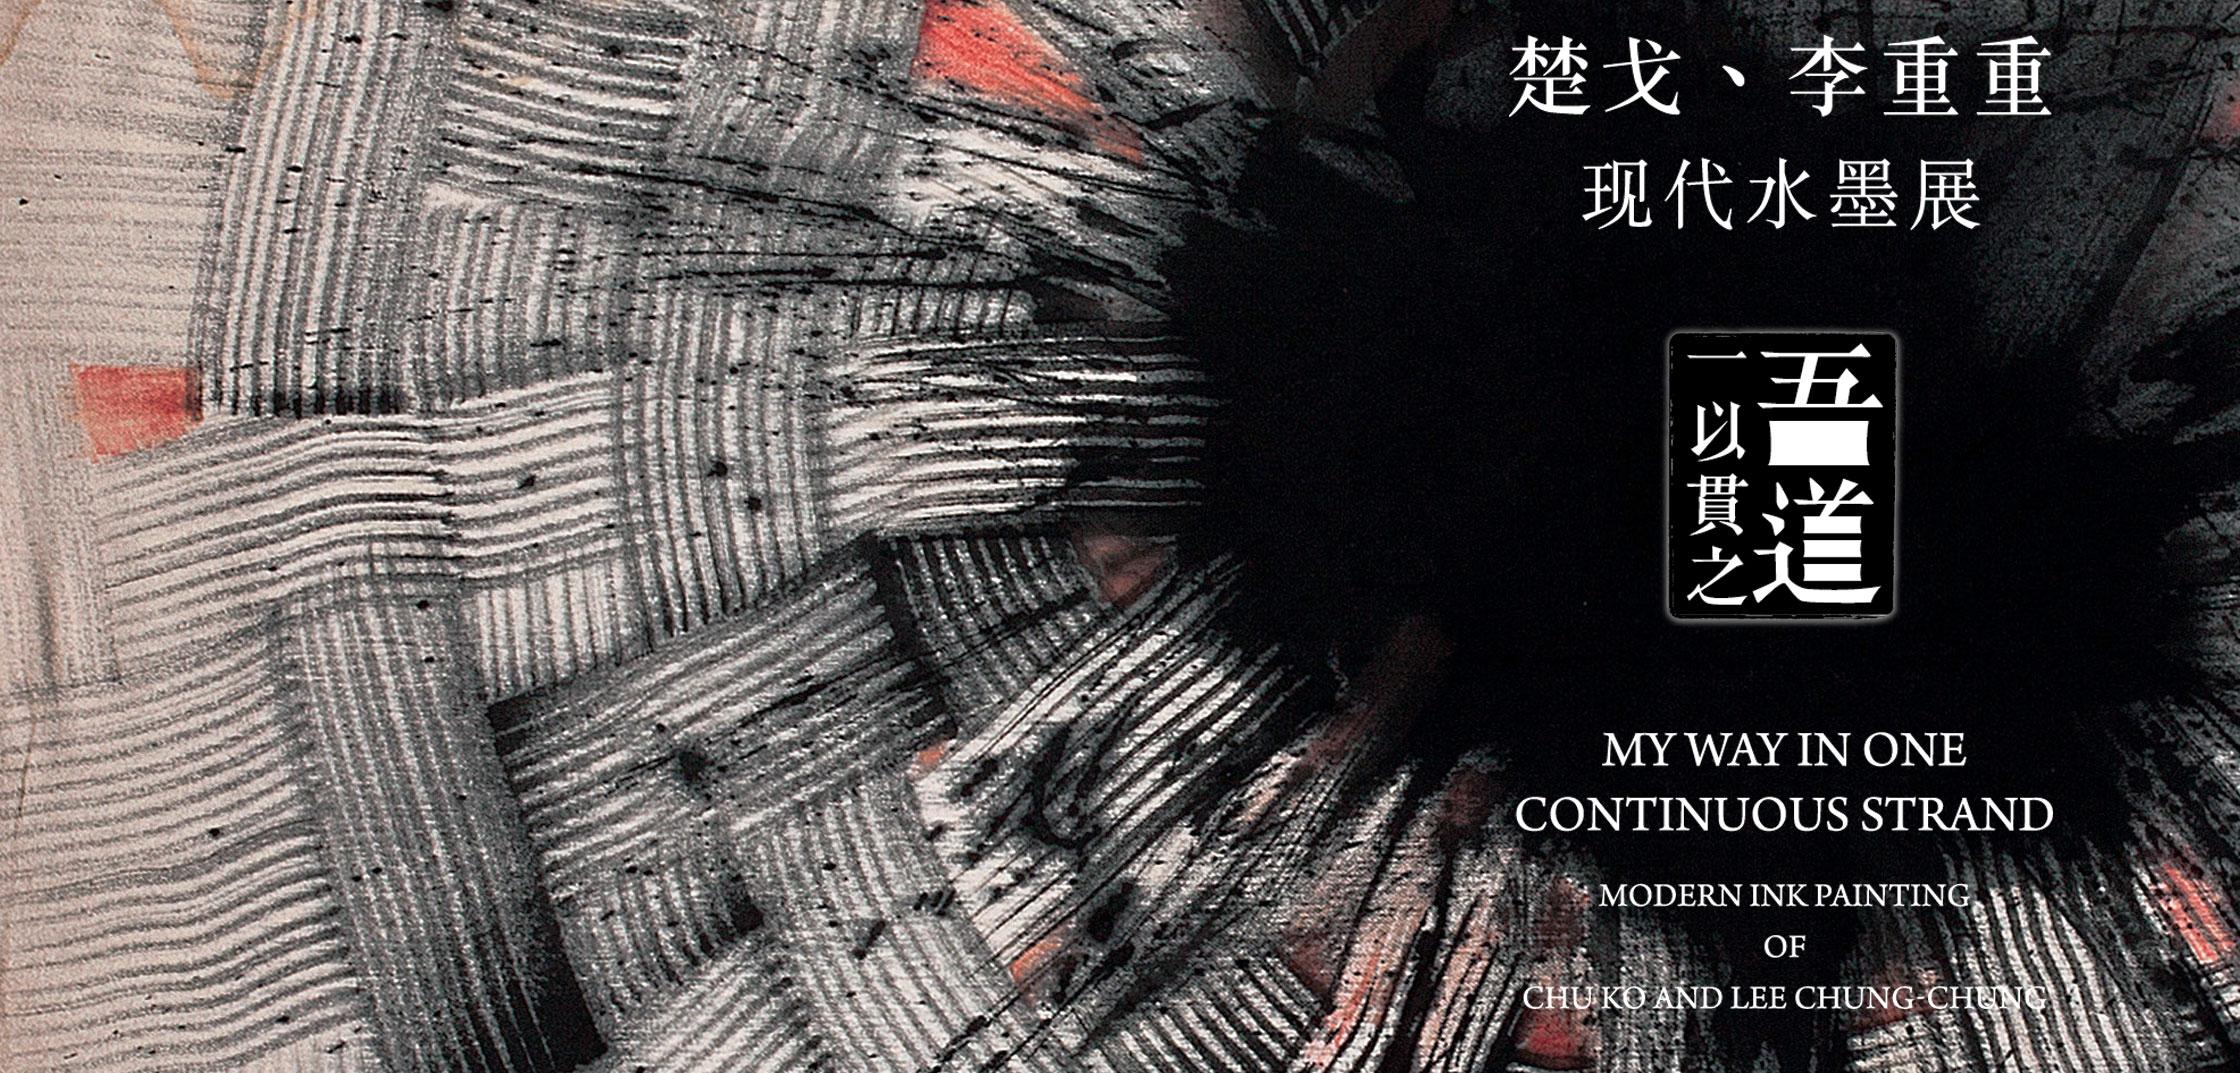 2016 藝術北京 — 吾道一以貫之